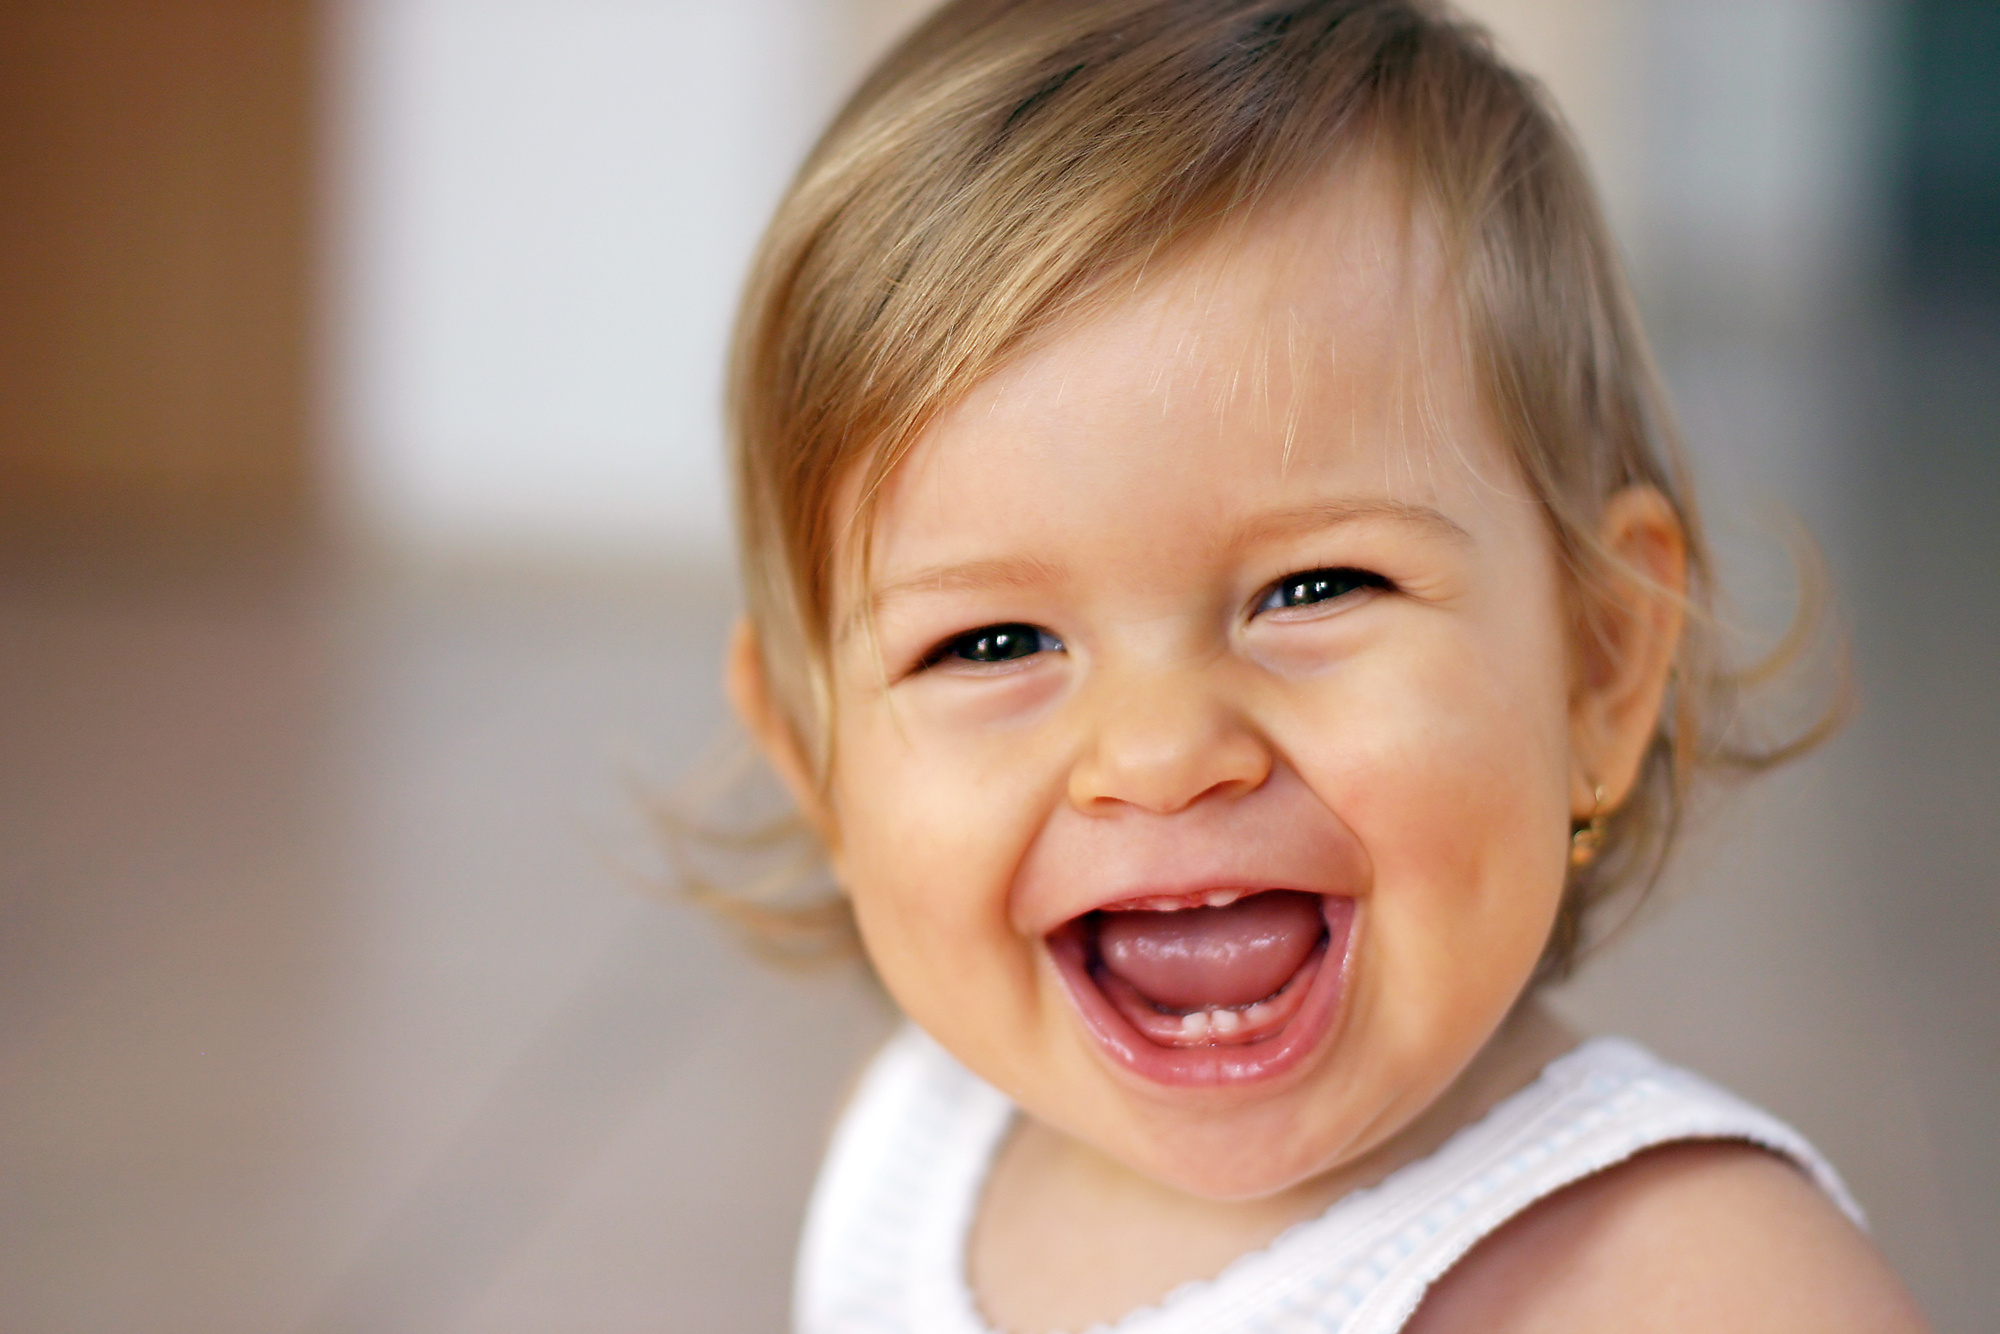 Resultado de imagen para Imagenes de bebes con dientes de leche o temporales